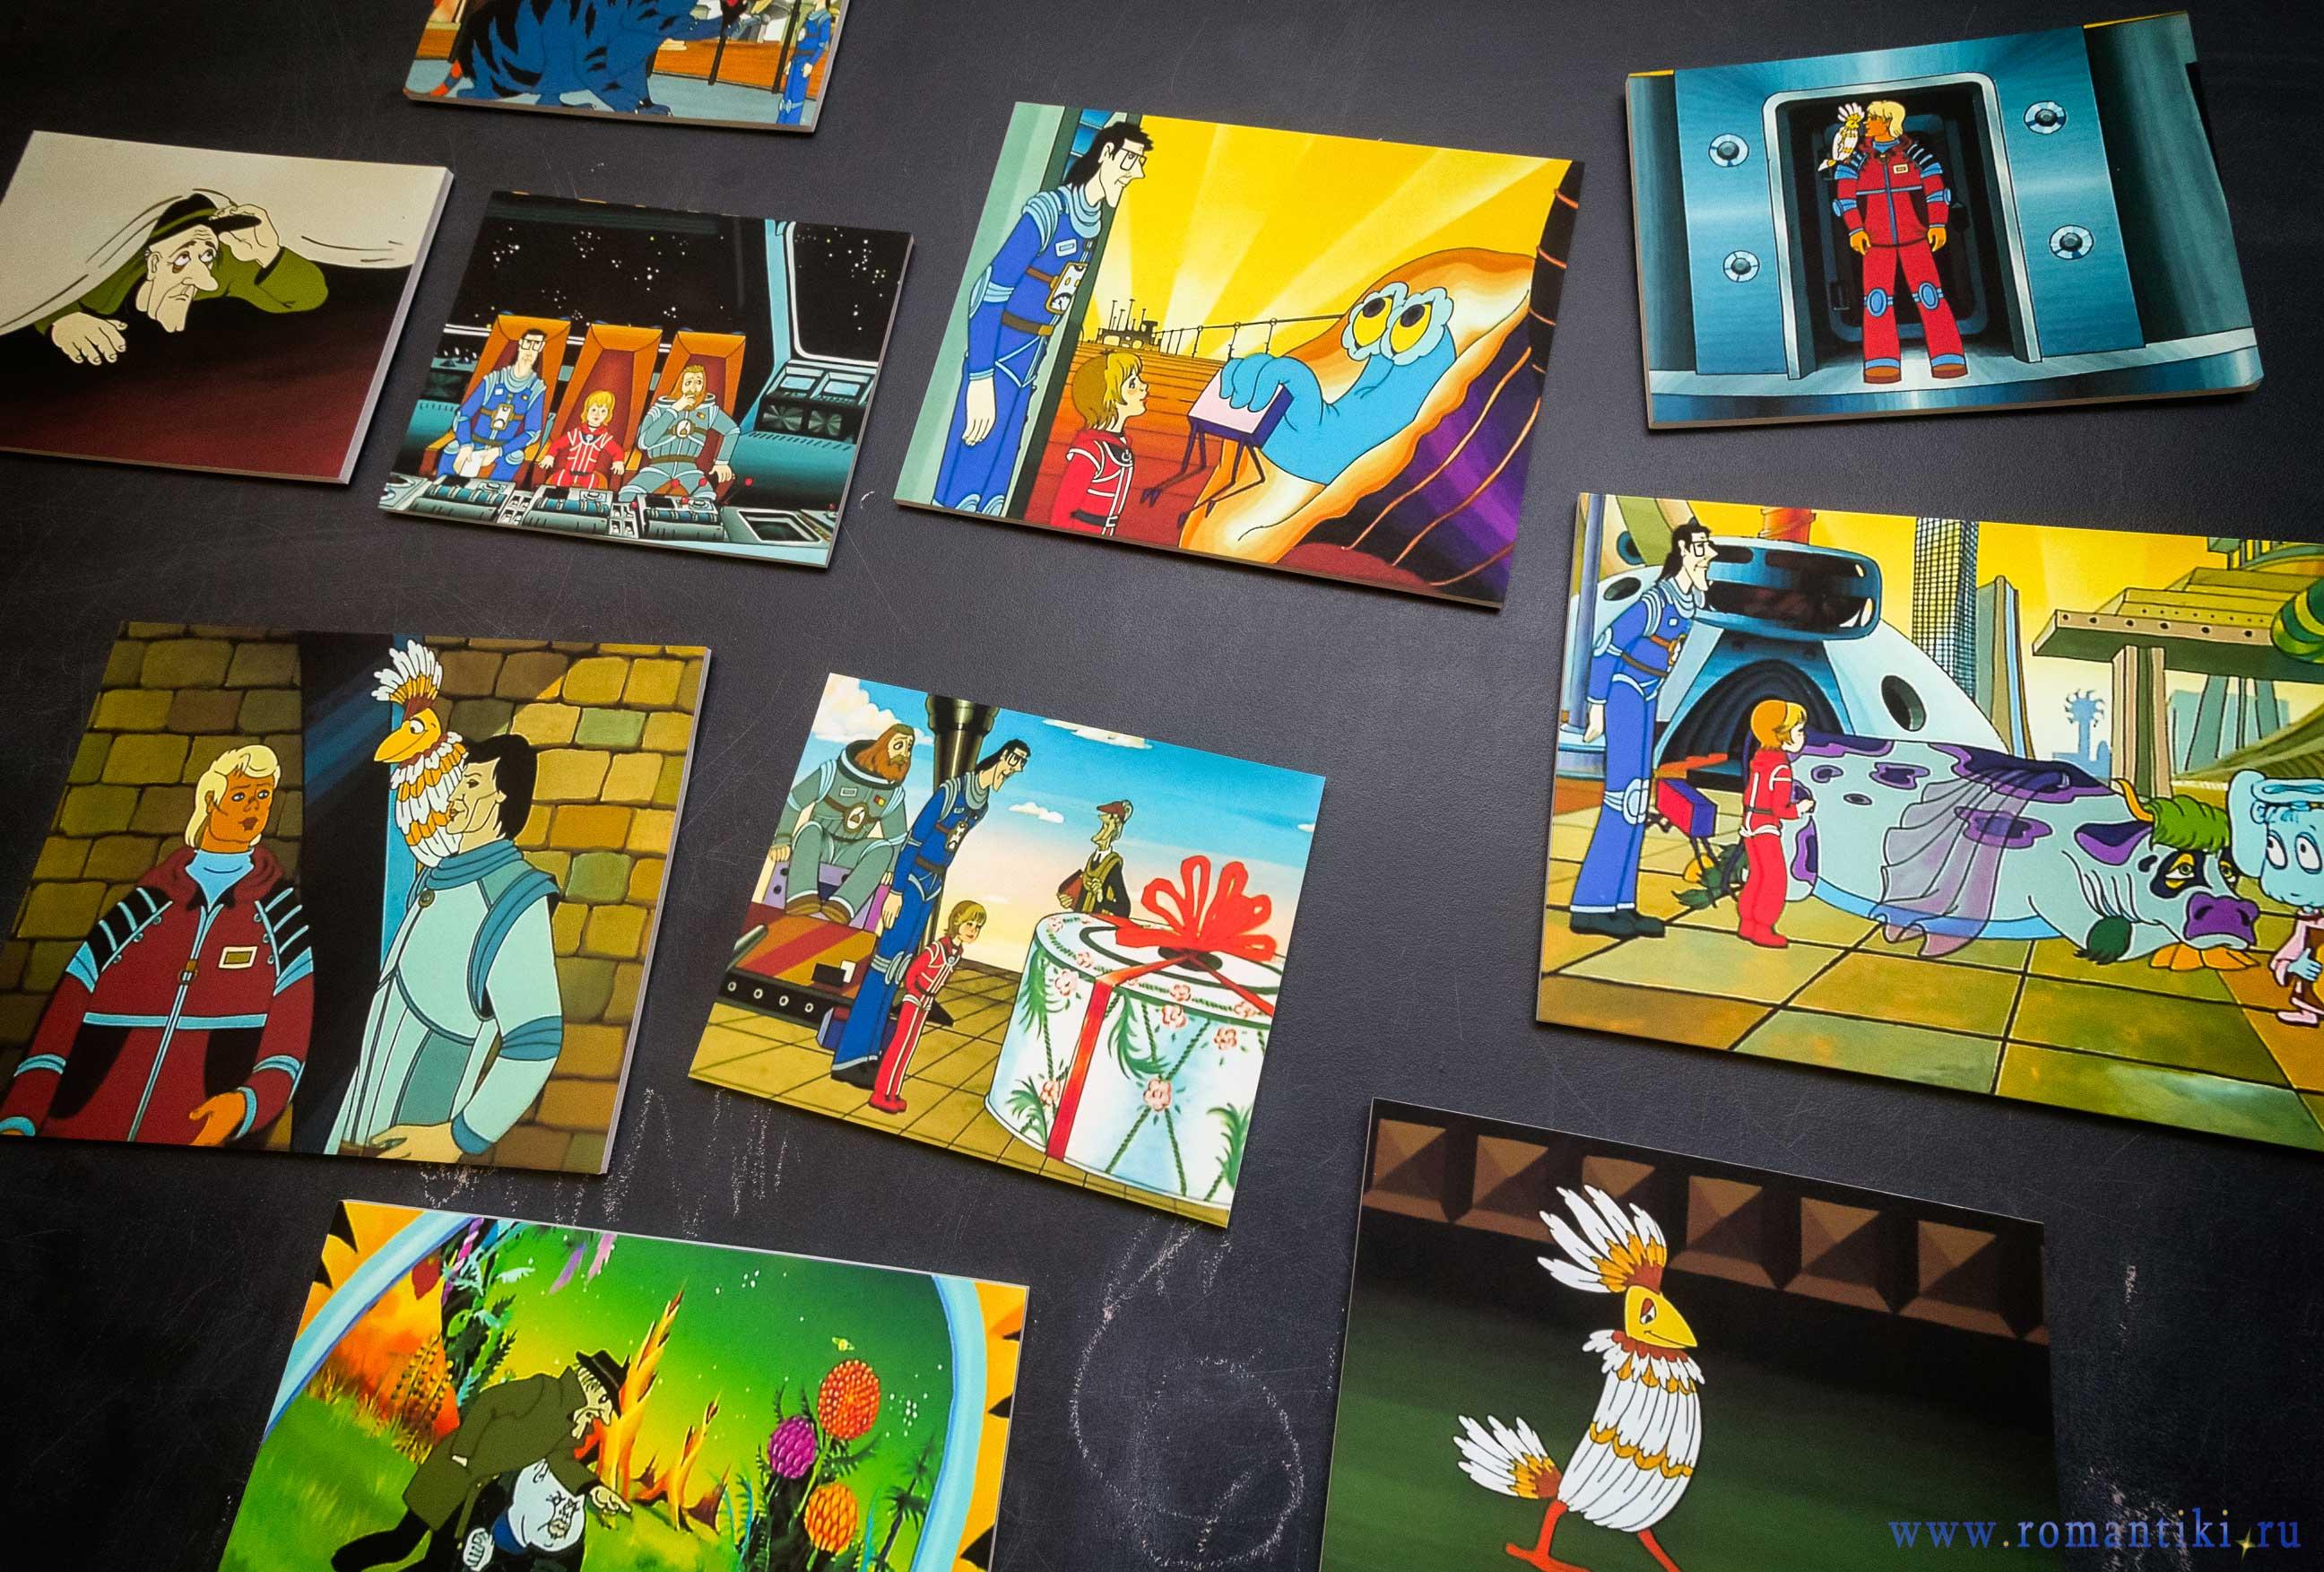 подлинные фазы мультфильма «Тайна третьей планеты»